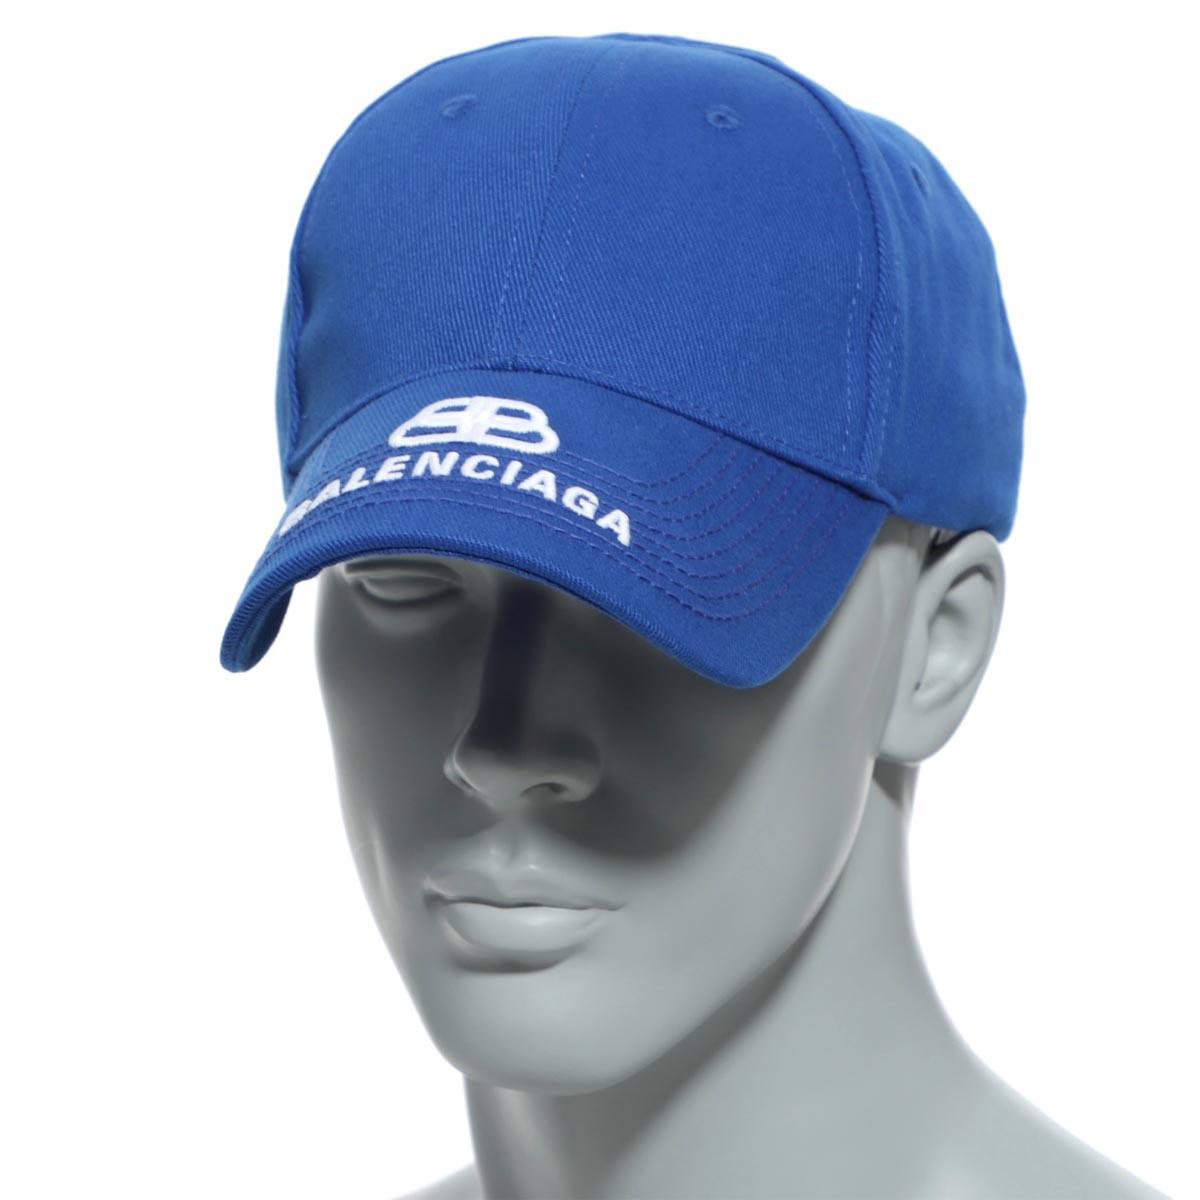 メンズ帽子, キャップ  BALENCIAGA 577548 410b2 4277 HAT BB VISOR CAP